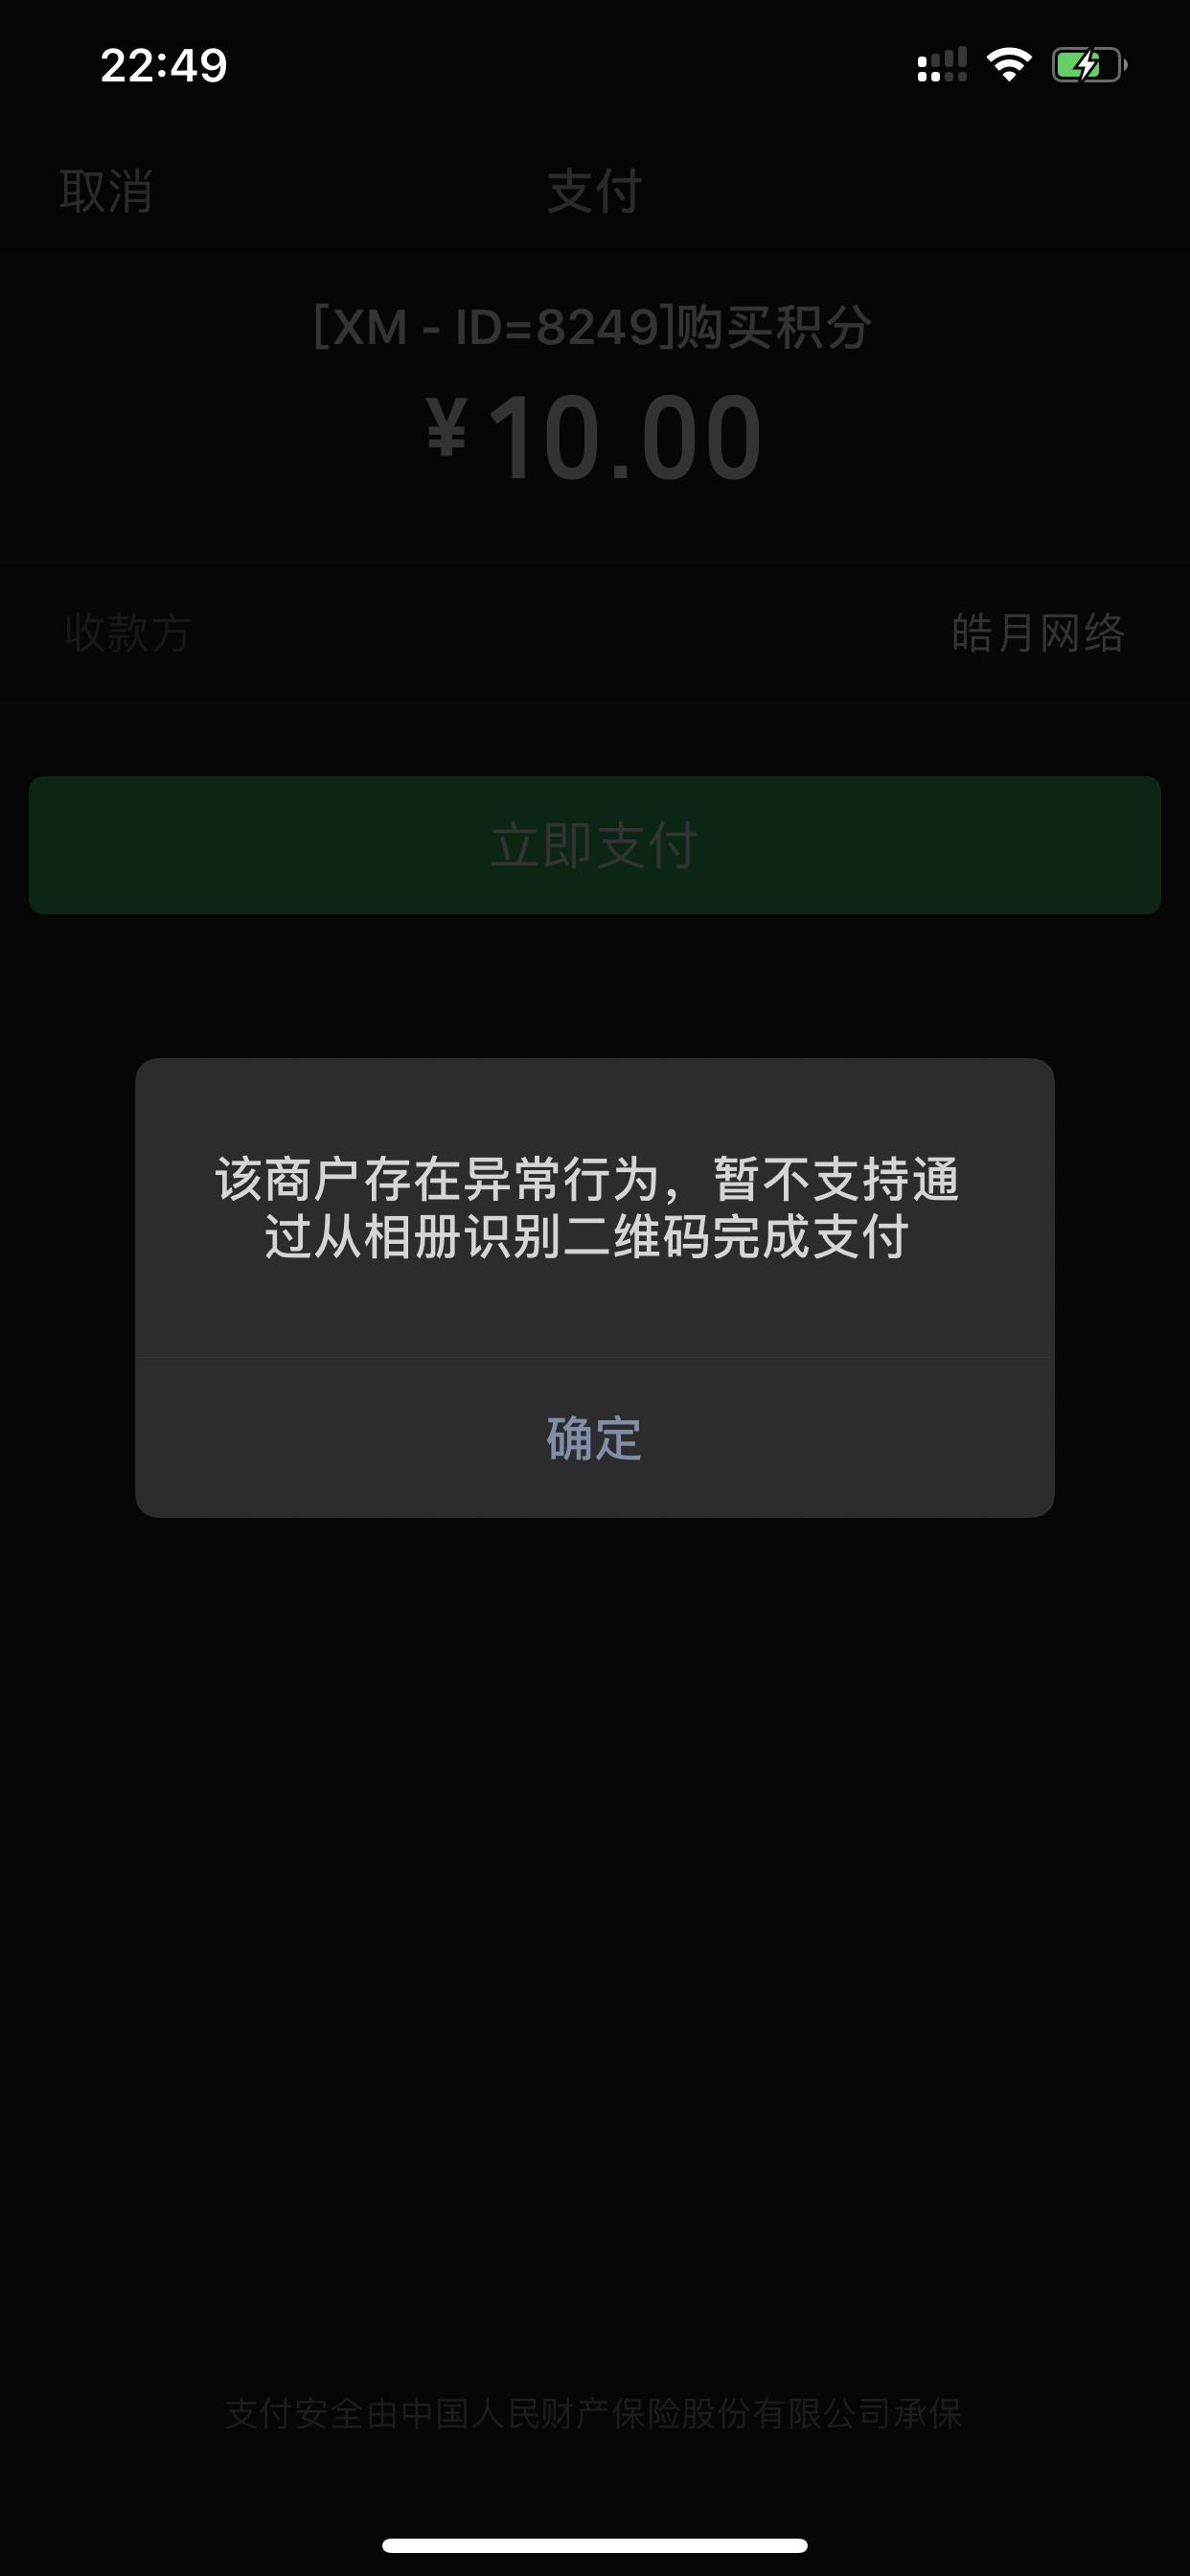 B2主题修改:使B2主题支持手机相册截图支付